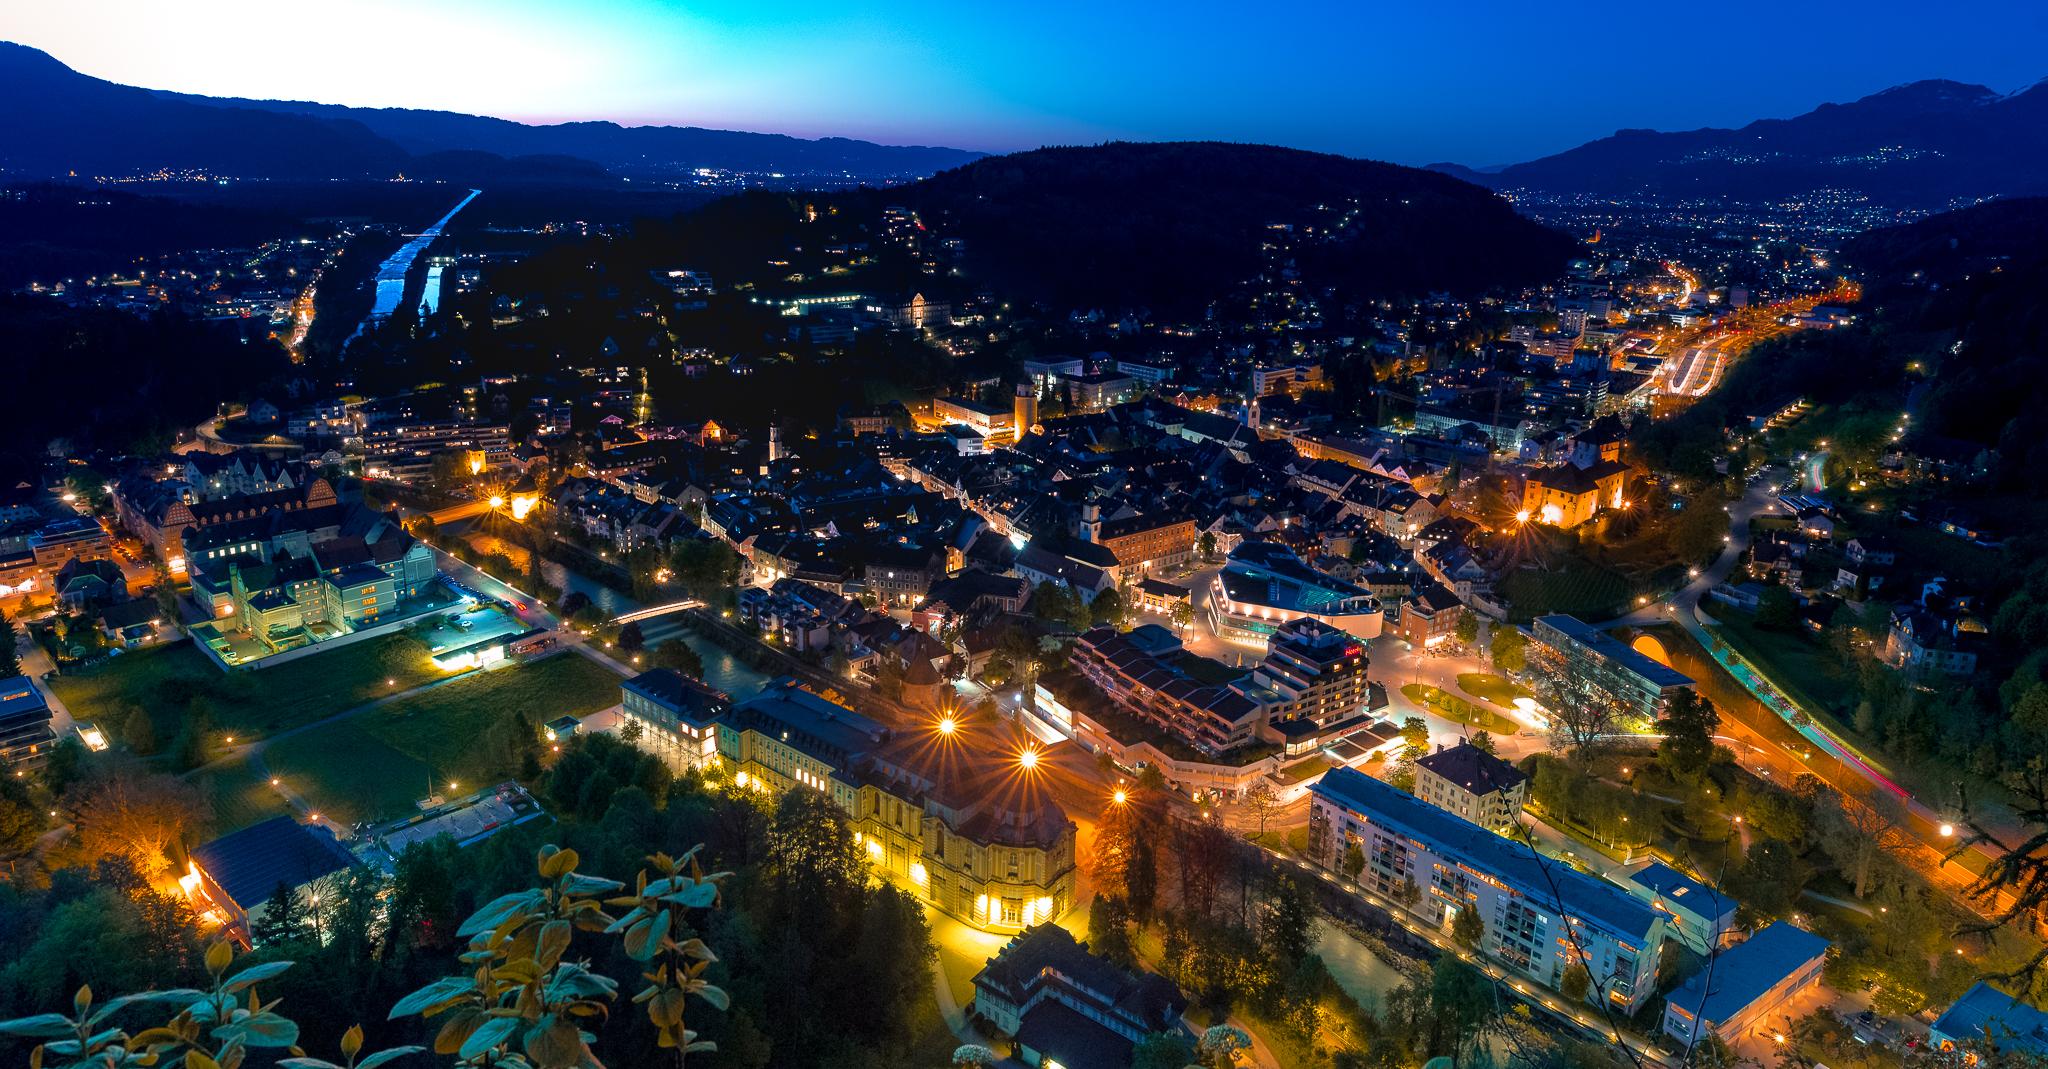 Fotowalk Community - Wir veranstalten Fotowalks in Vorarlberg, West-Österreich, Süd-Deutschland oder der Ost-Schweiz.